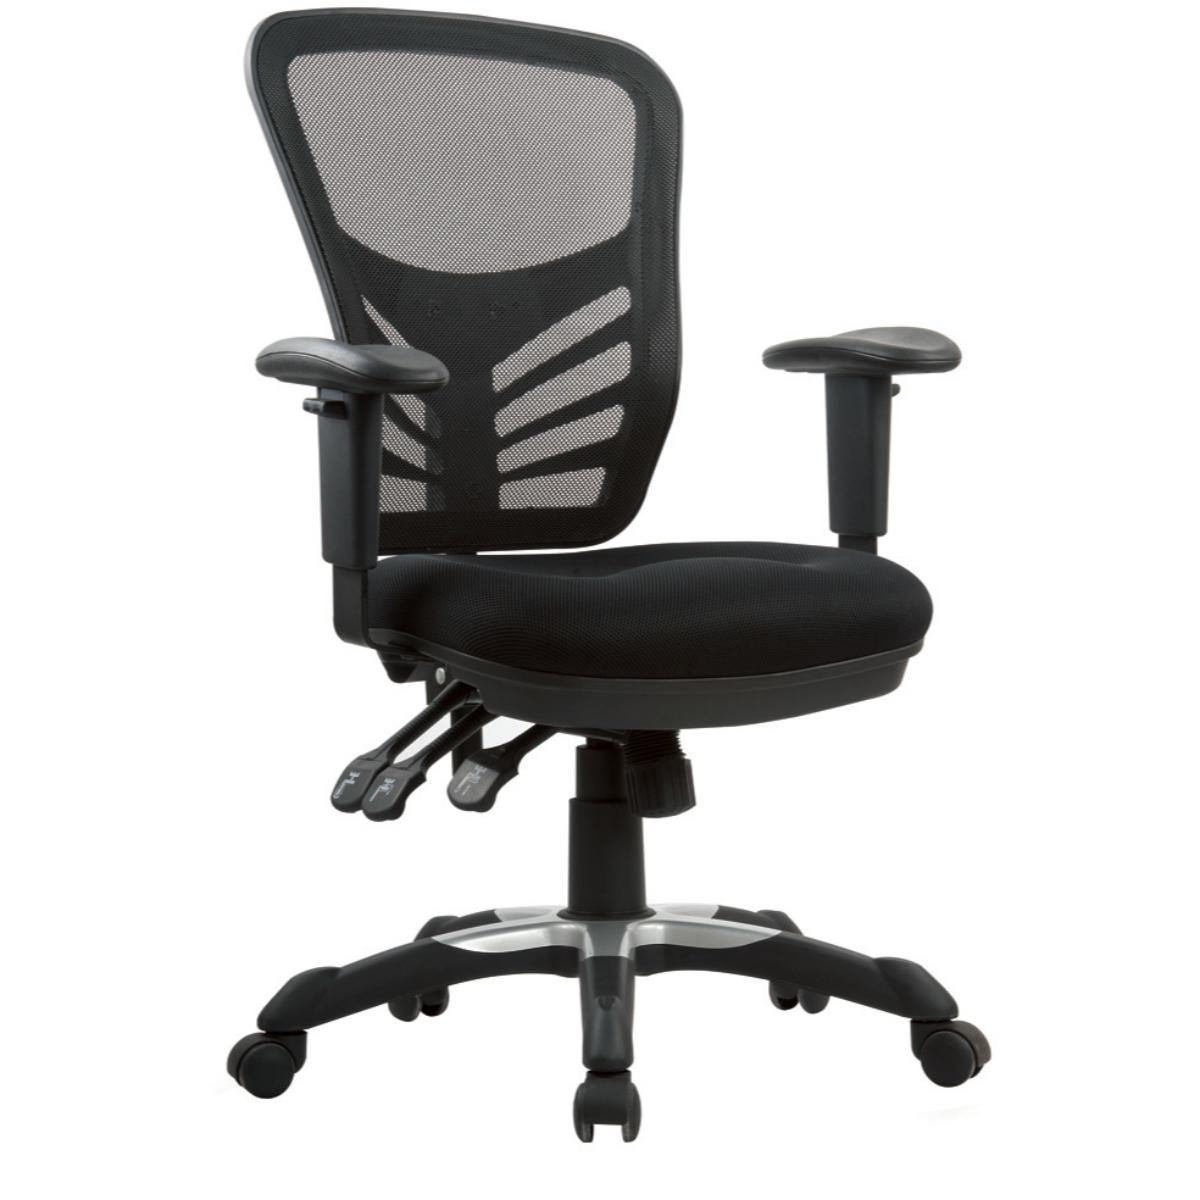 כיסא מחשב לעבודה משרדית דגם פרפקט